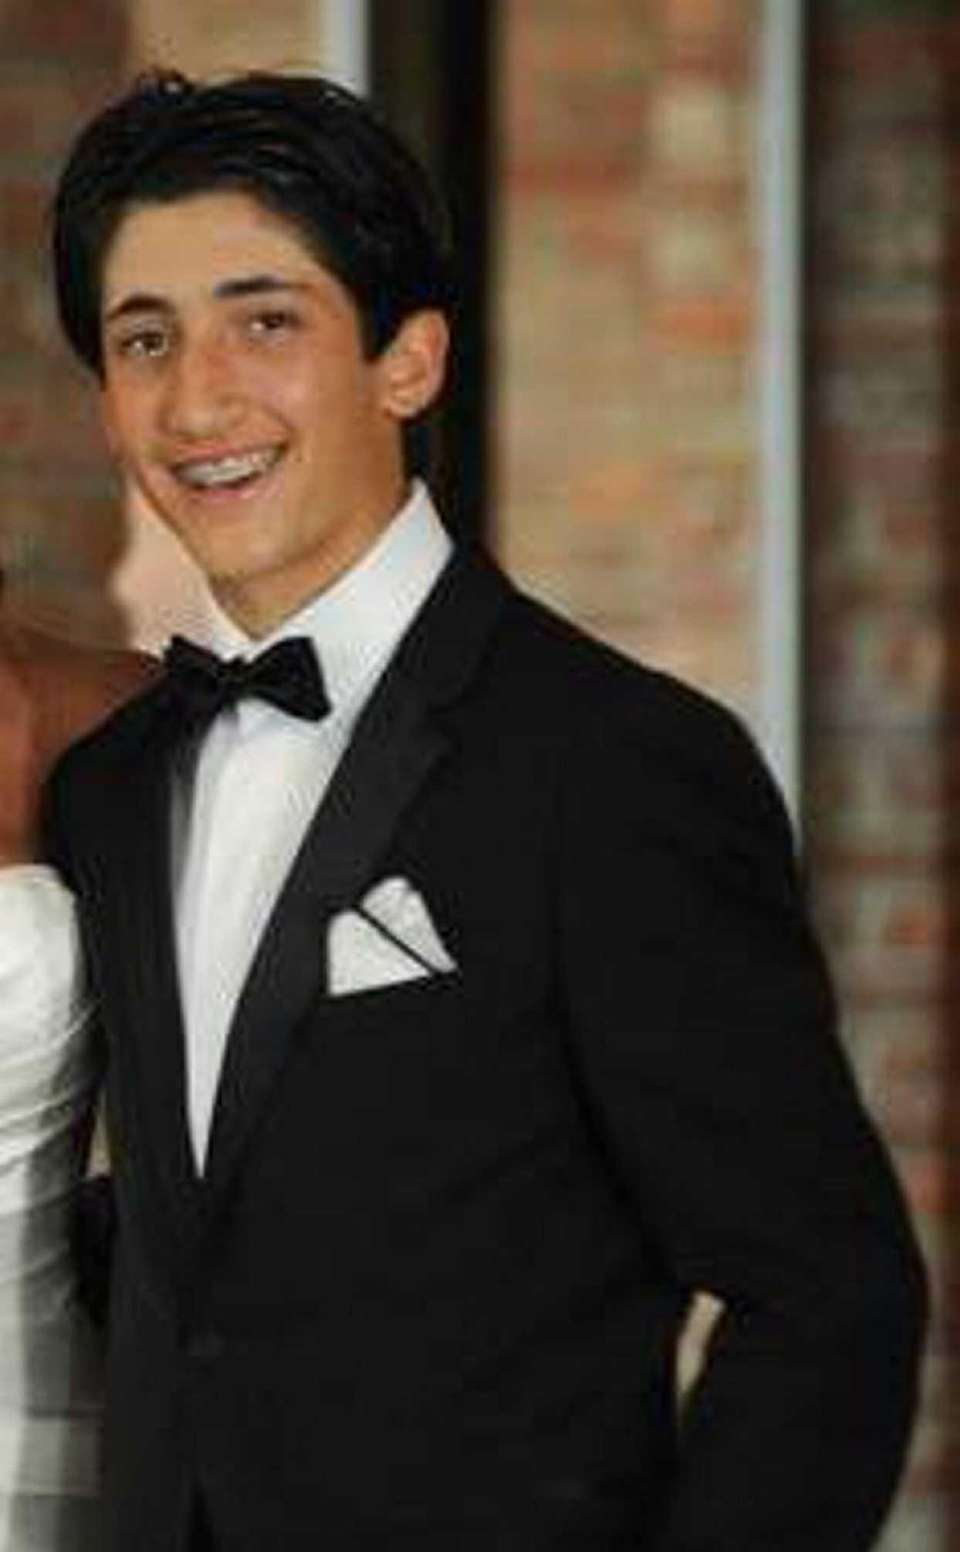 David Jaslow, 17, a Roslyn High School junior